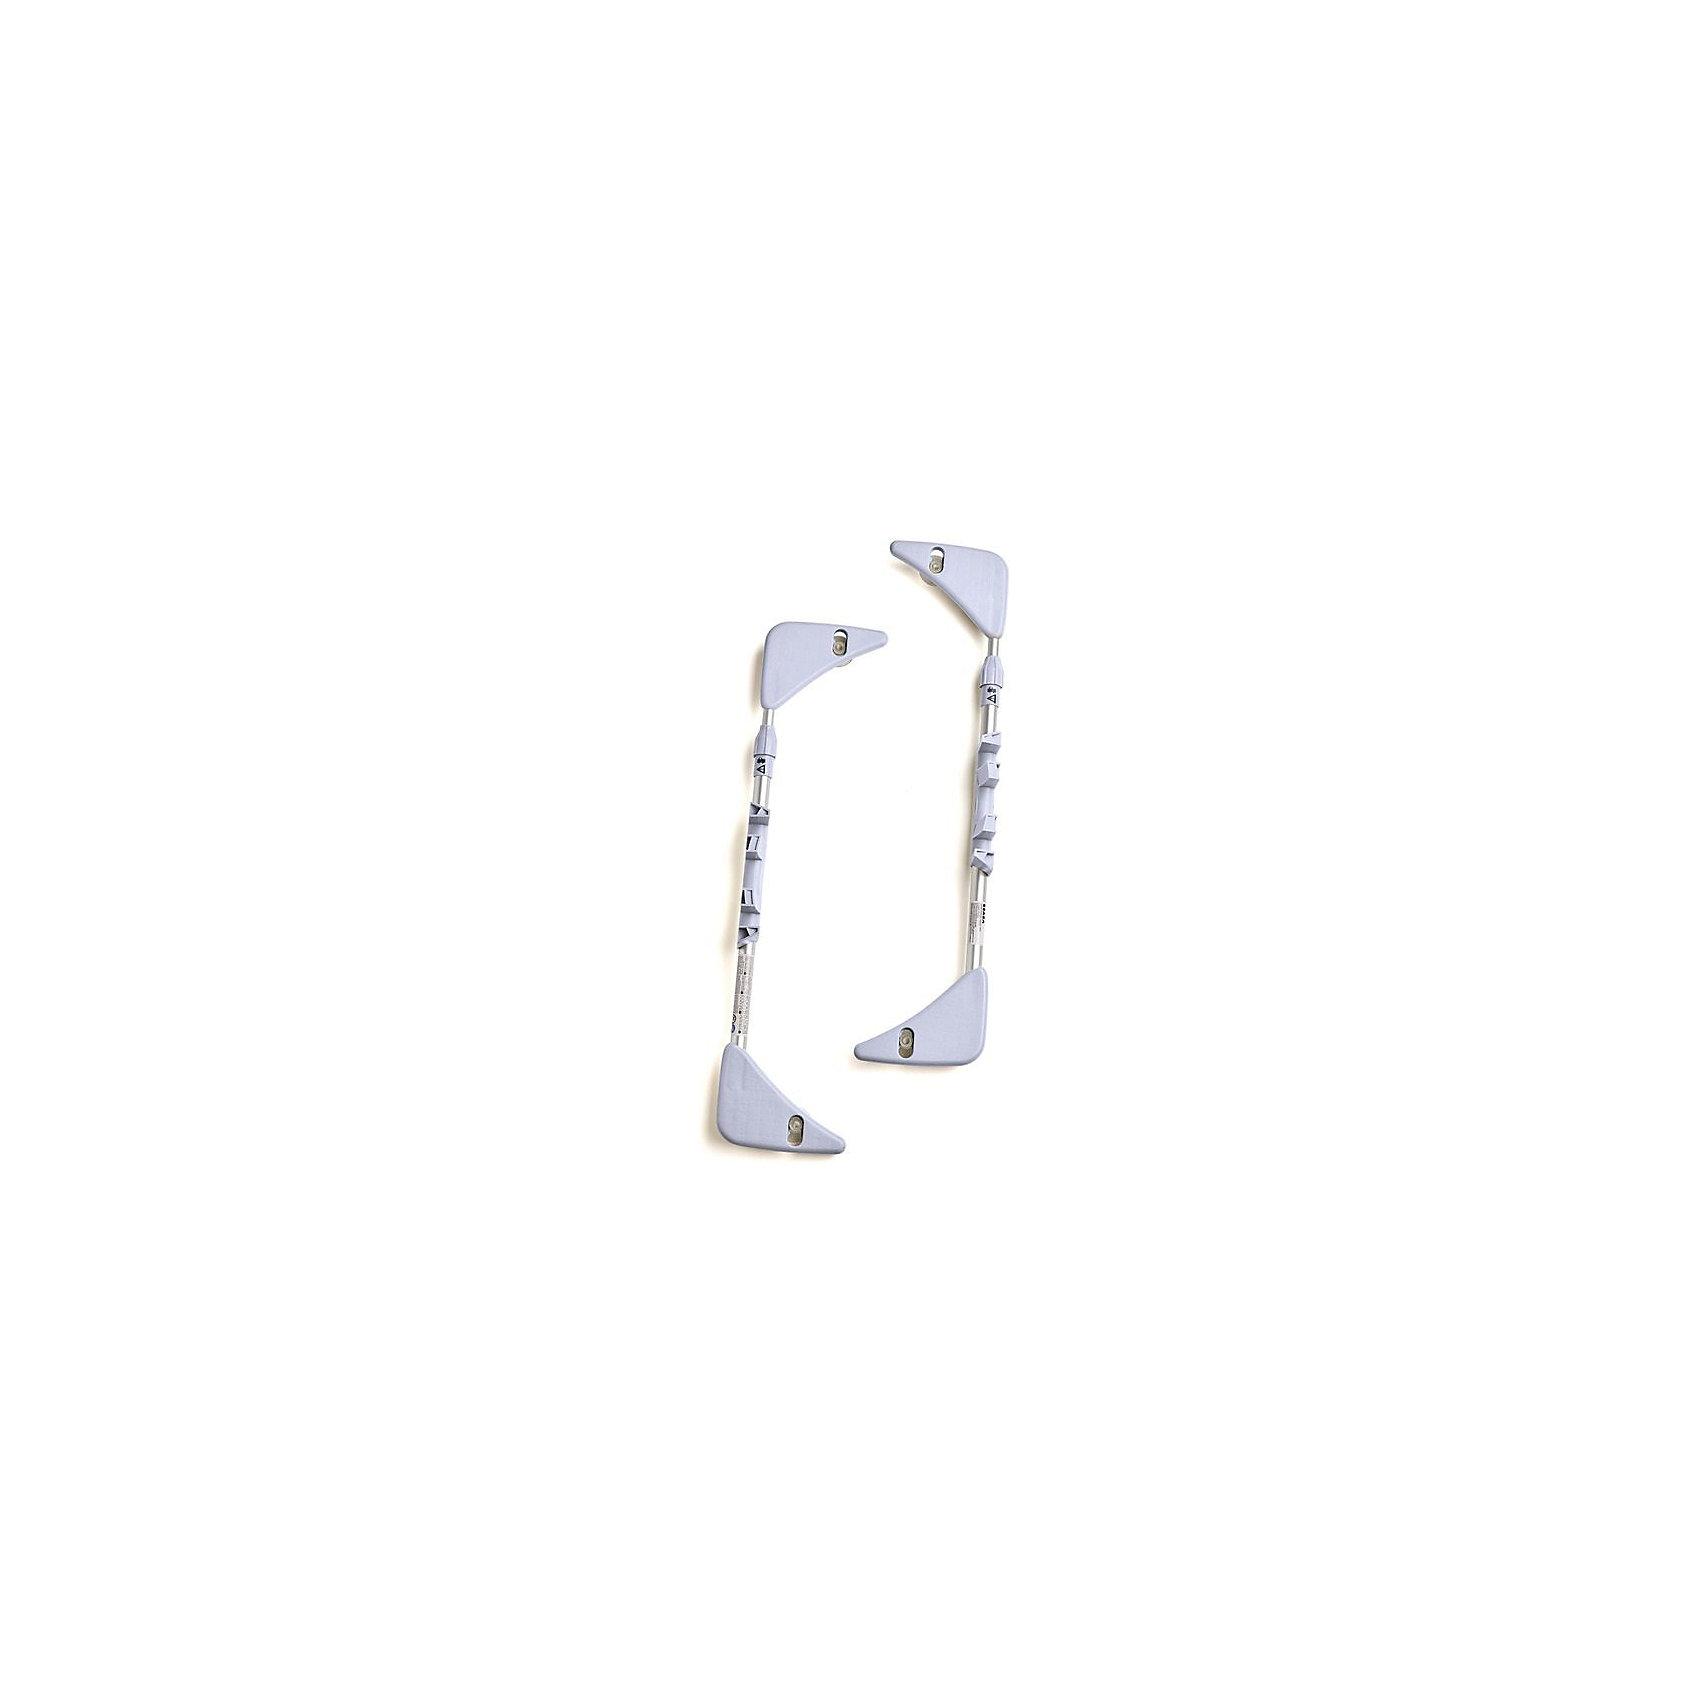 База для ванны Cameleo регулируемая, BeabaВанны, горки, сиденья<br>База Cameleo регулируемая, Beaba (Беаба)<br><br>Характеристики:<br><br>• легко устанавливается и снимается<br>• поддерживается с помощью присоски и подпорки внутри ванны<br>• подходит для большинства ванн<br>• регулируемая длина от 57 до 75 см<br>• максимально допустимый вес ребенка: 9 кг<br>• подходит только для ванночки Cameleo от Beaba<br>• размер упаковки: 17,7х57х44 мс<br>• вес: 800 грамм<br><br>Купание малыша всегда будет в радость, если ванночка крохи установлена удобно для родителей. База Cameleo поможет закрепить ванночку CameleO практически на любой домашней ванне. База легко устанавливается и так же легко снимается. Поддерживается с помощью присоски и подпорки внутри вашей ванны. Максимальный вес ребенка - 9 кг.<br>Подходит только для ванночек CameleO Beaba!<br><br>Базу Cameleo регулируемую, Beaba (Беаба) вы можете купить в нашем интернет-магазине.<br><br>Ширина мм: 570<br>Глубина мм: 177<br>Высота мм: 44<br>Вес г: 840<br>Возраст от месяцев: -2147483648<br>Возраст до месяцев: 2147483647<br>Пол: Унисекс<br>Возраст: Детский<br>SKU: 5445732